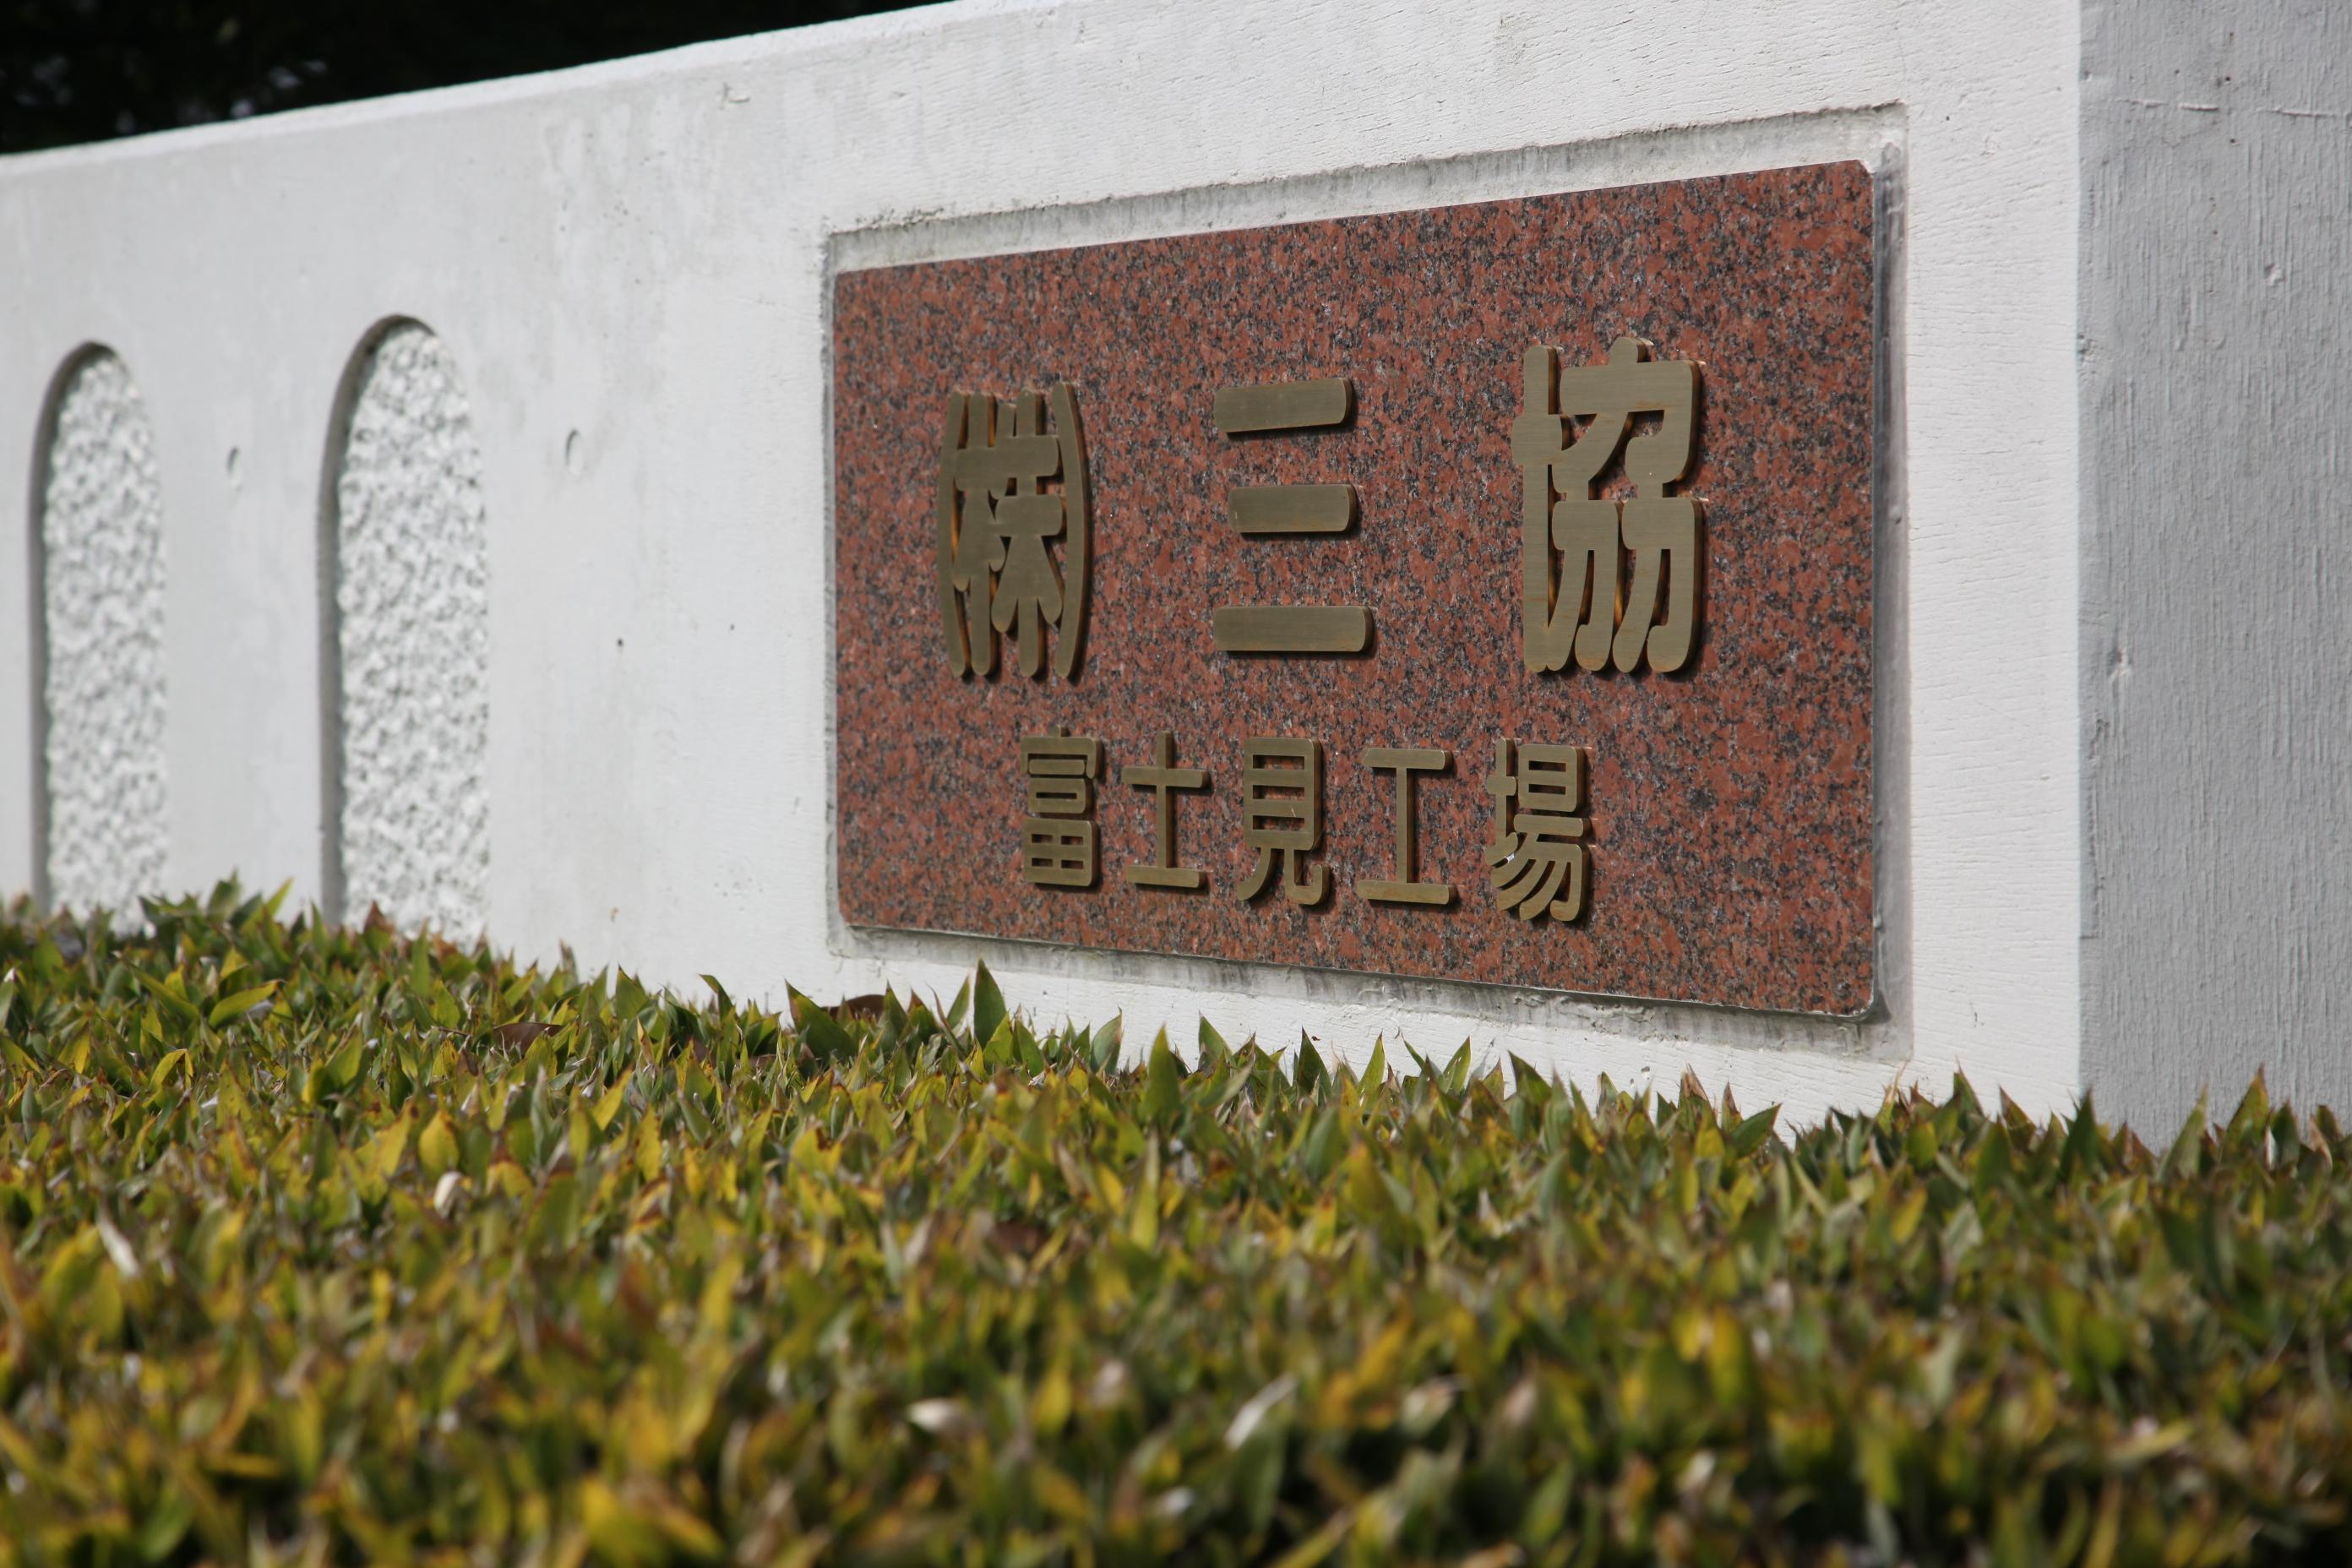 富士見工場|株式会社三協